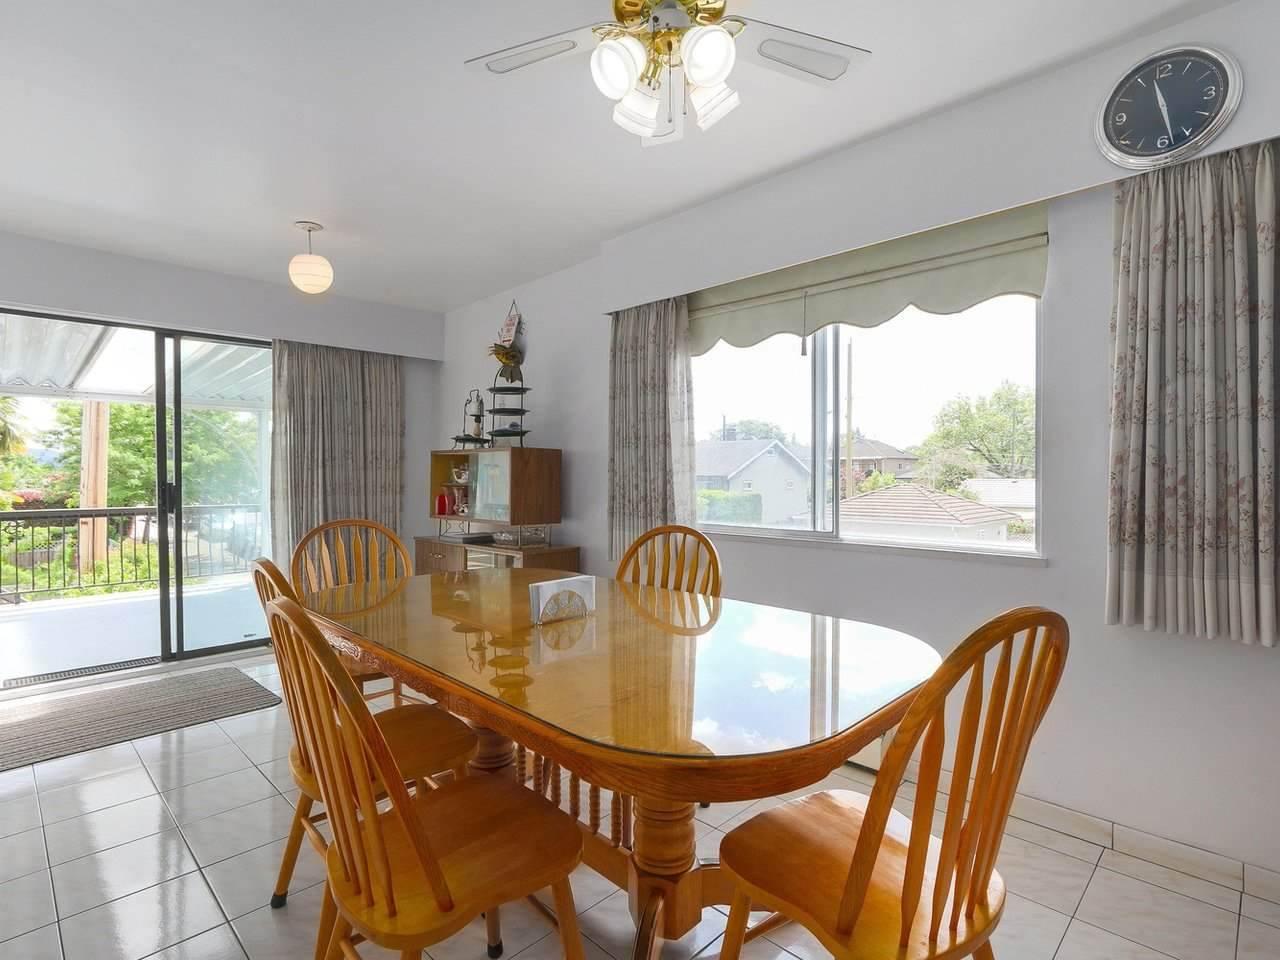 2707 E GEORGIA STREET - Renfrew VE House/Single Family for sale, 5 Bedrooms (R2393419)